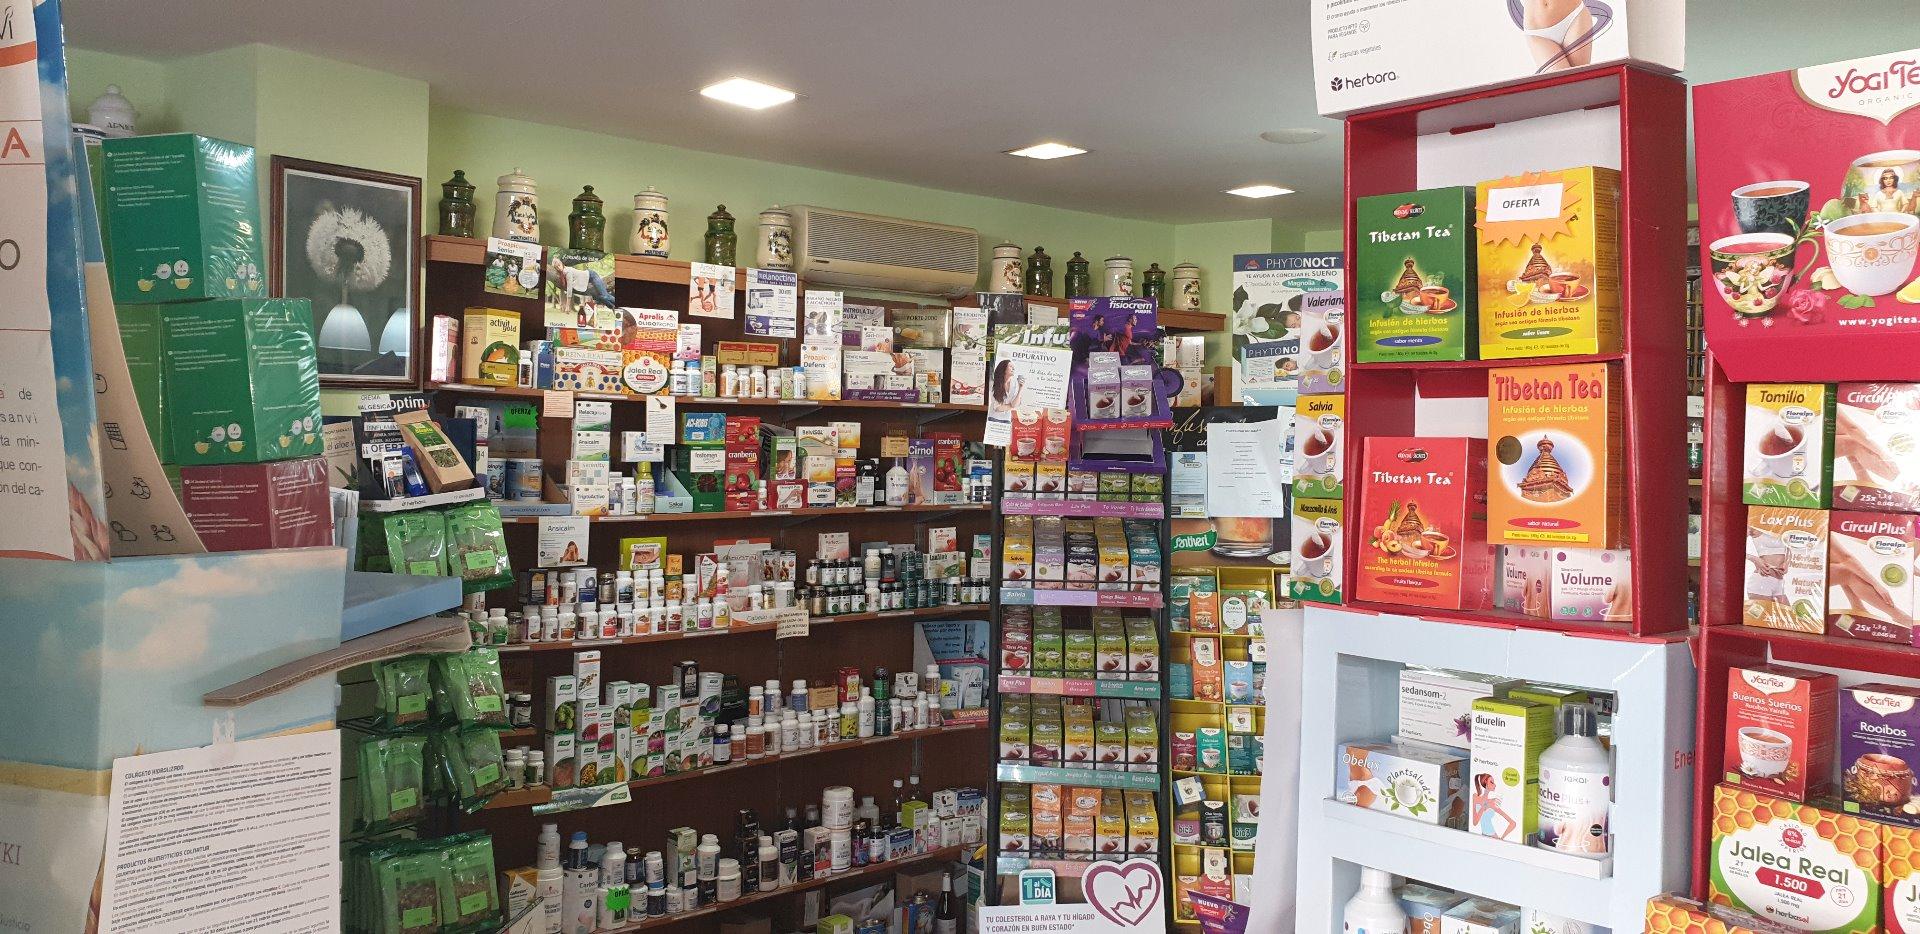 Traspàs Local Comercial  Reus - migjorn. Se traspasa negocio de dietética y nutrición a pleno rendimiento